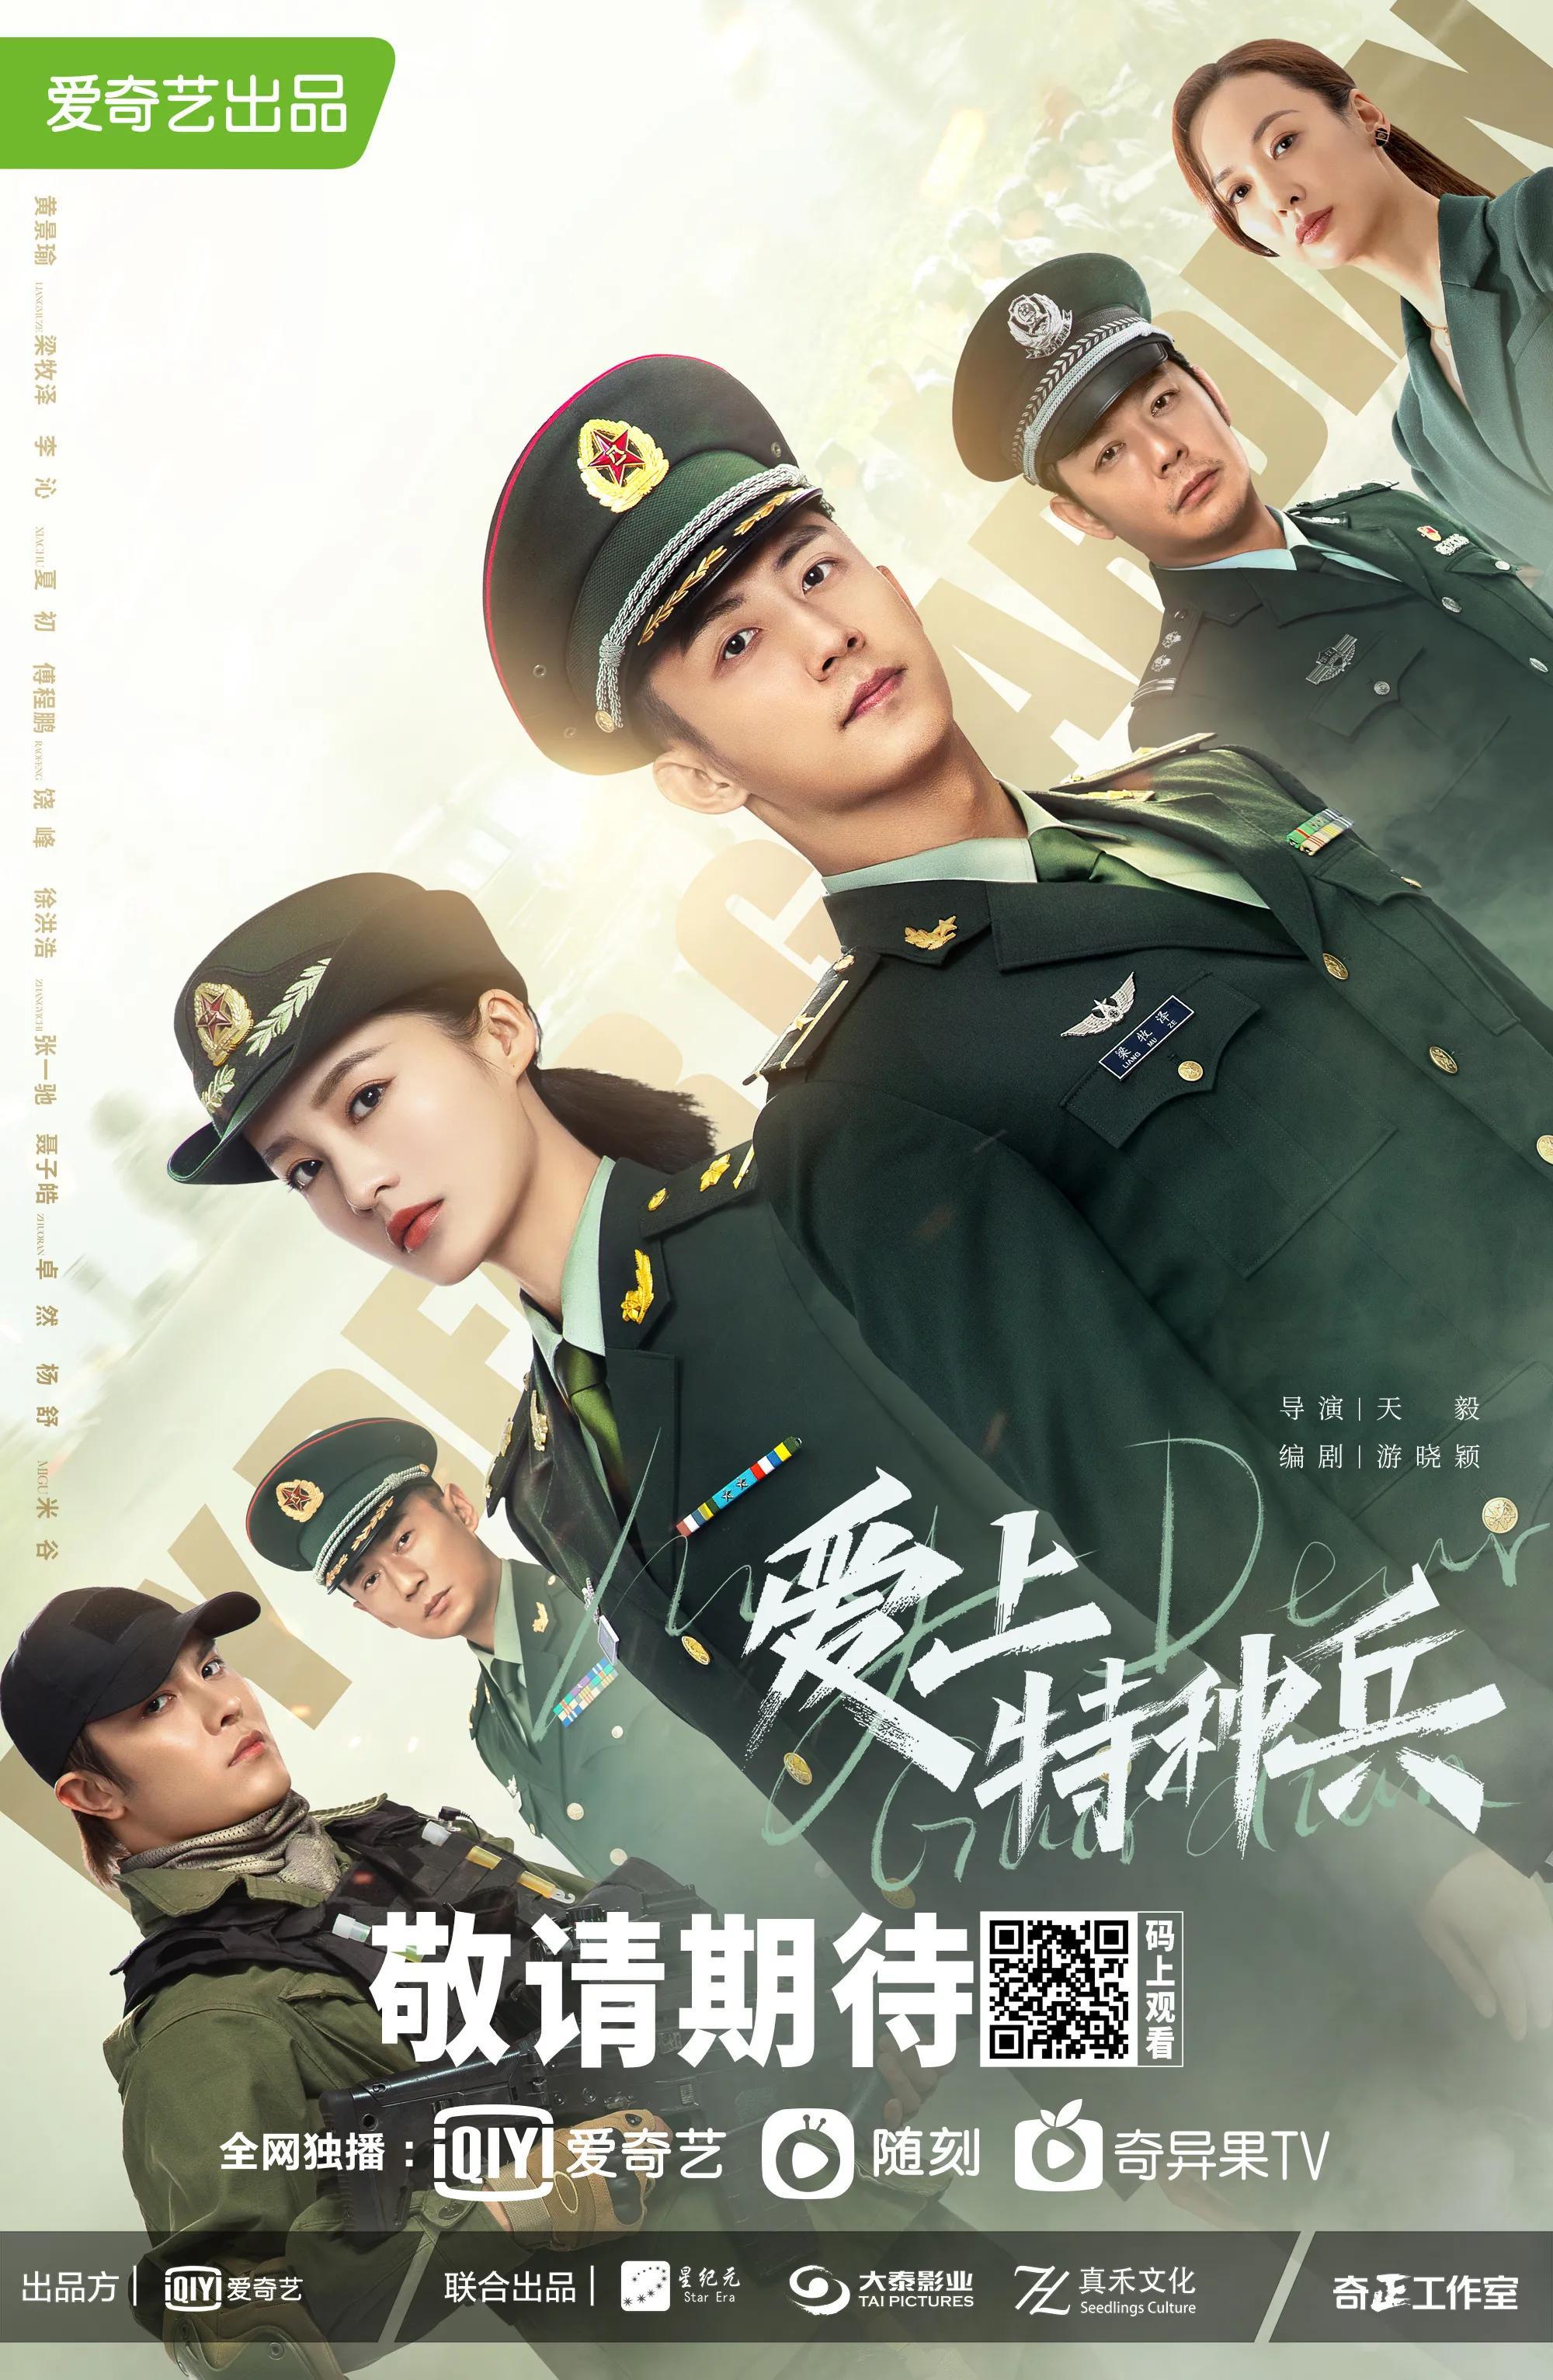 黄景瑜、李沁、主演《爱上特种兵》6月1日爱奇艺全网独播